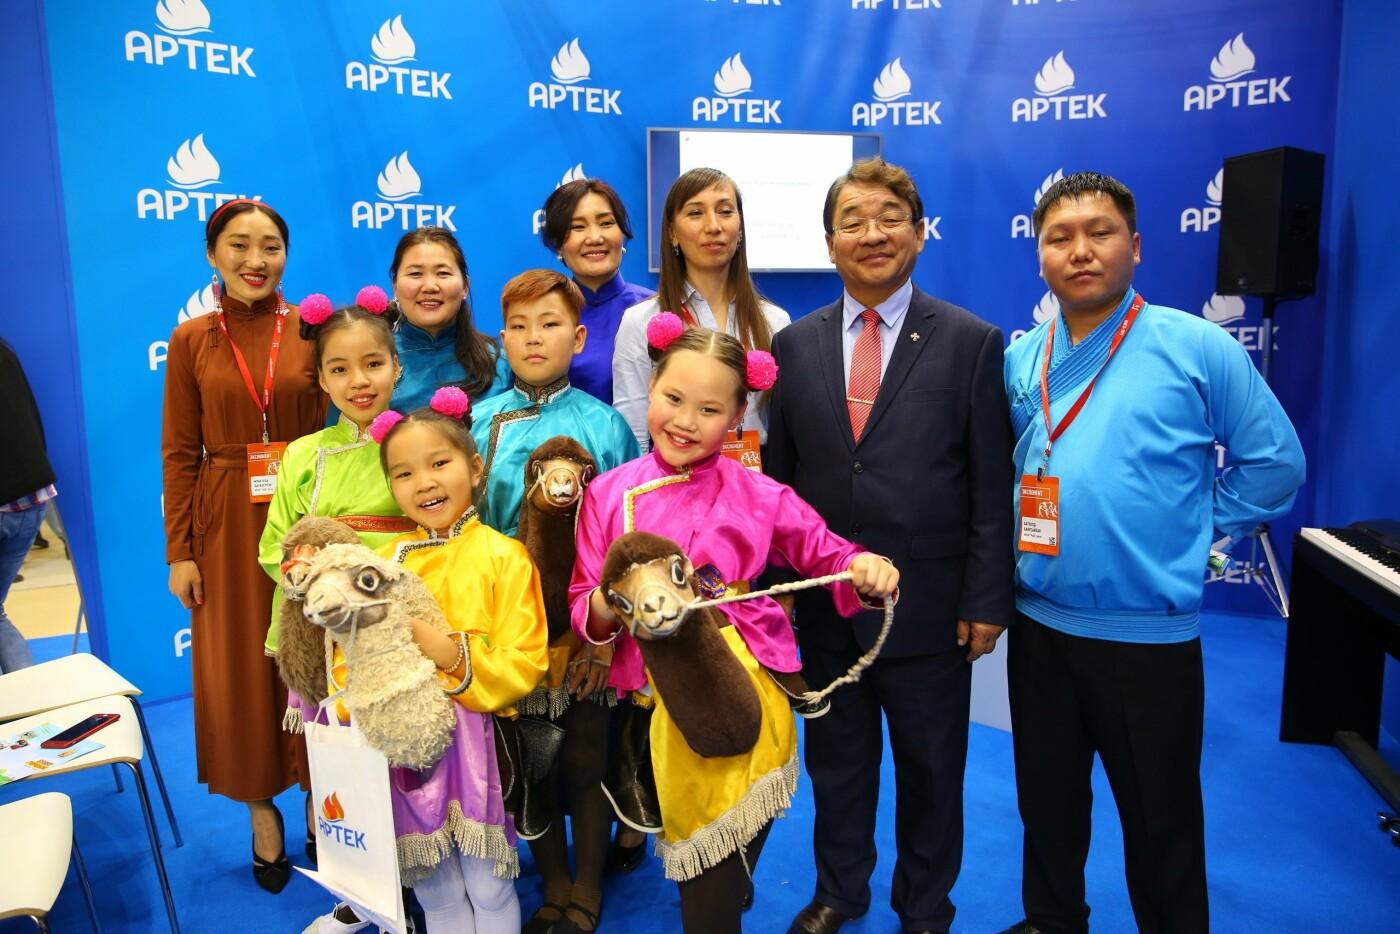 «Артек» начинает работу в Монголии – итоги визита монгольской делегации в детский центр, фото-2